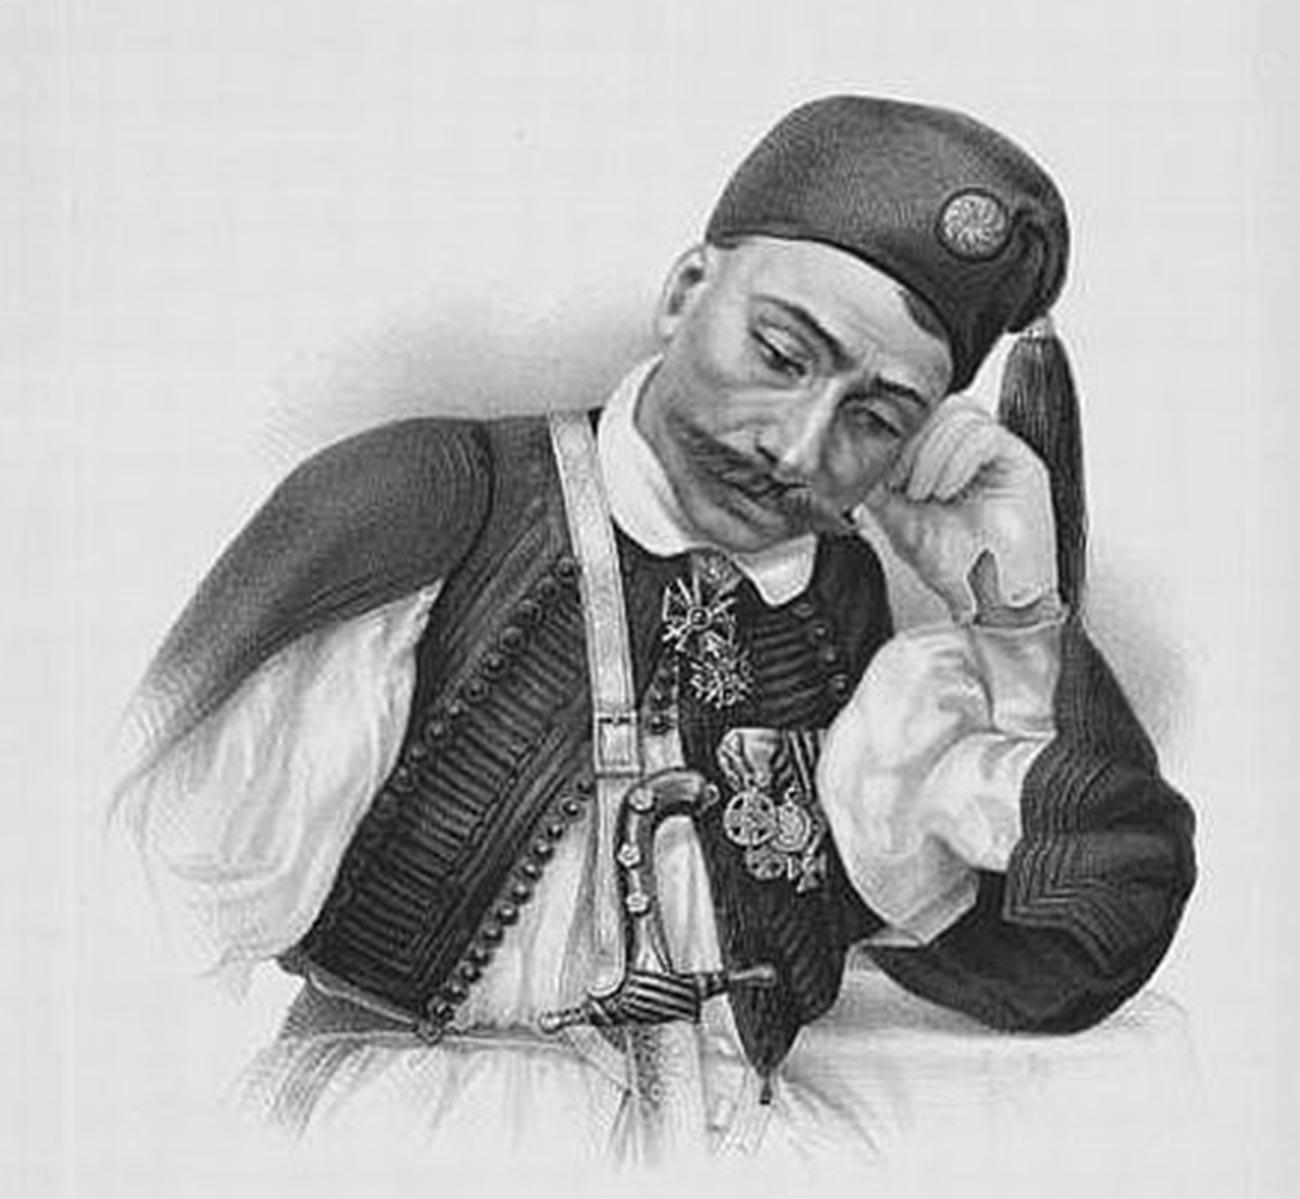 Aristide Chrisoveri, major in nekdanji poveljnik Grške legije carja Nikolaja I.